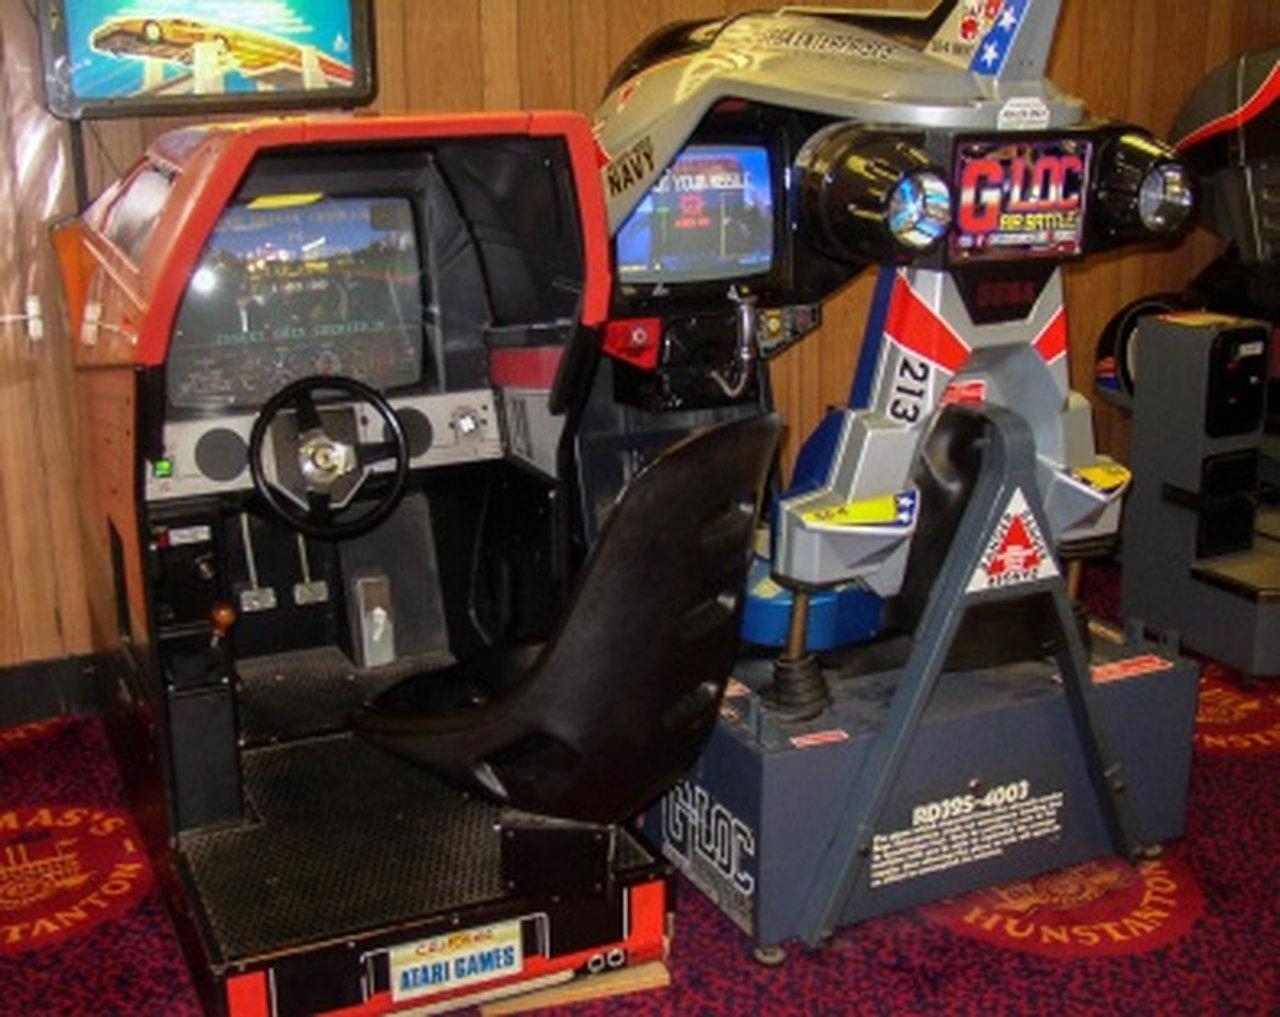 Ein klasse Arcade-Automat von Atari aus dem Jahr 1989: Hard Drivin'. Laut Atari der weltweit erste echte Arcade Fahrsimulator. (Bild: Ferdinand Müller)